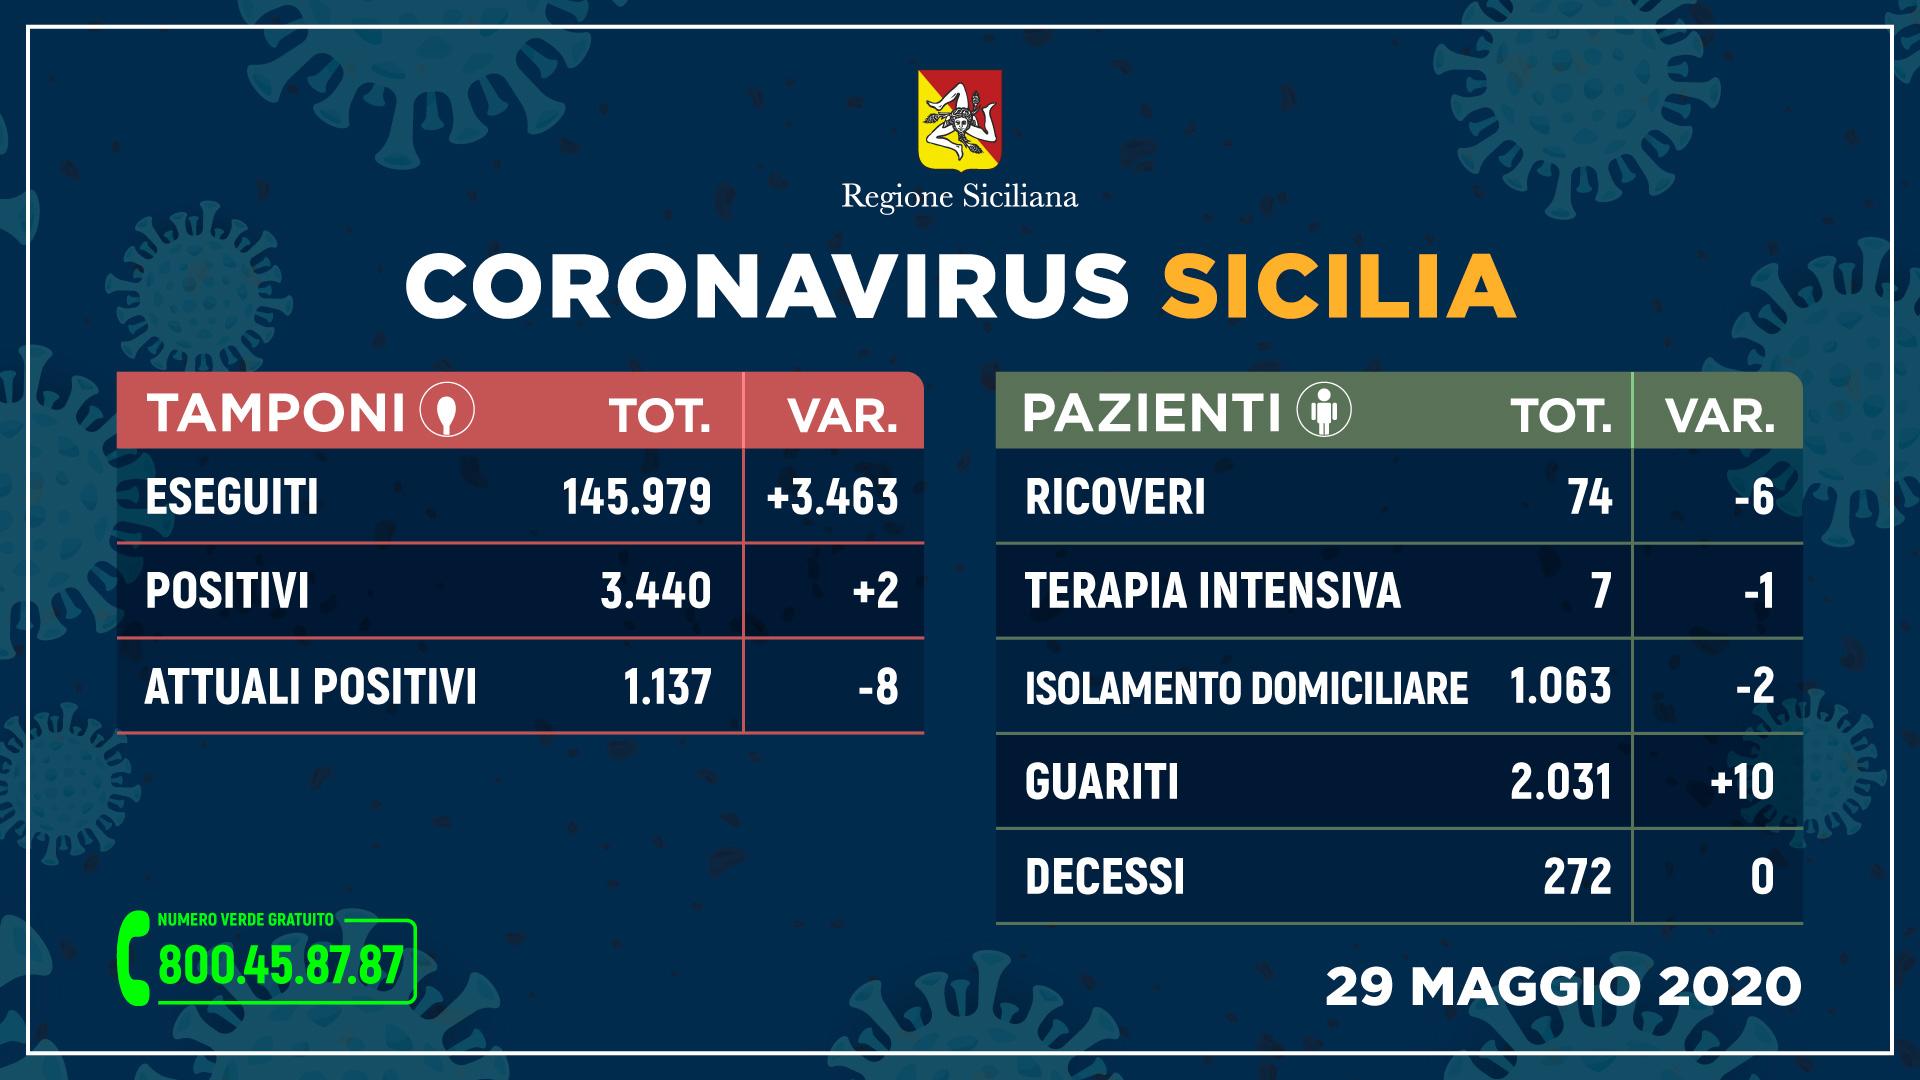 Coronavirus, in Sicilia 2 positivi in 24h. Sempre più guariti